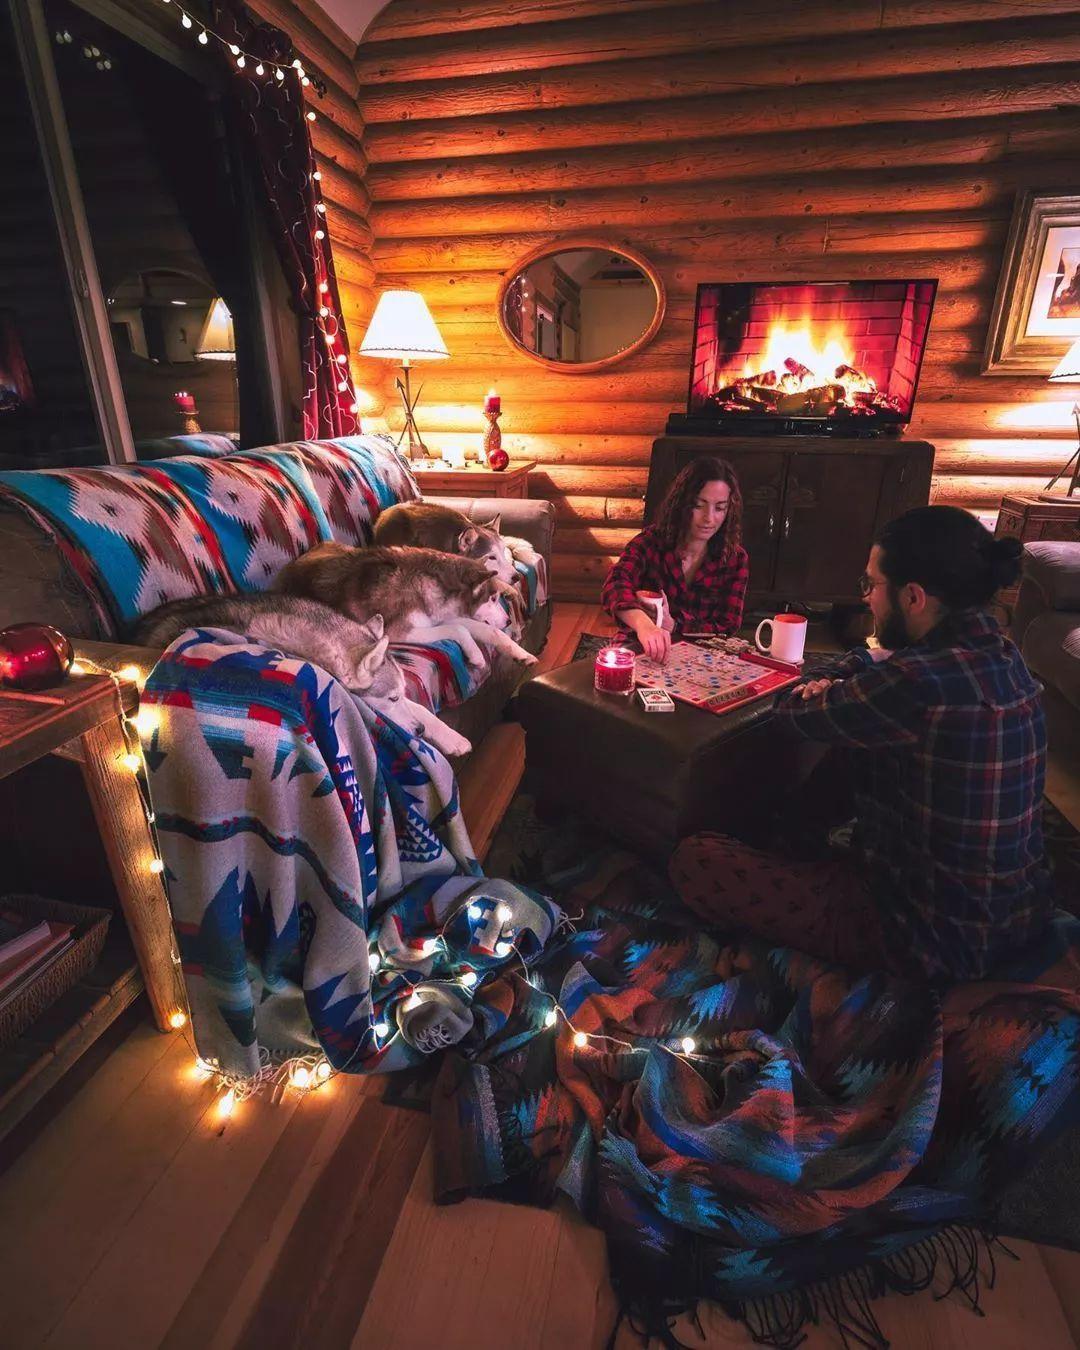 夫妻俩带着三只哈士奇住进了林中木屋,这样的生活超让人羡慕!